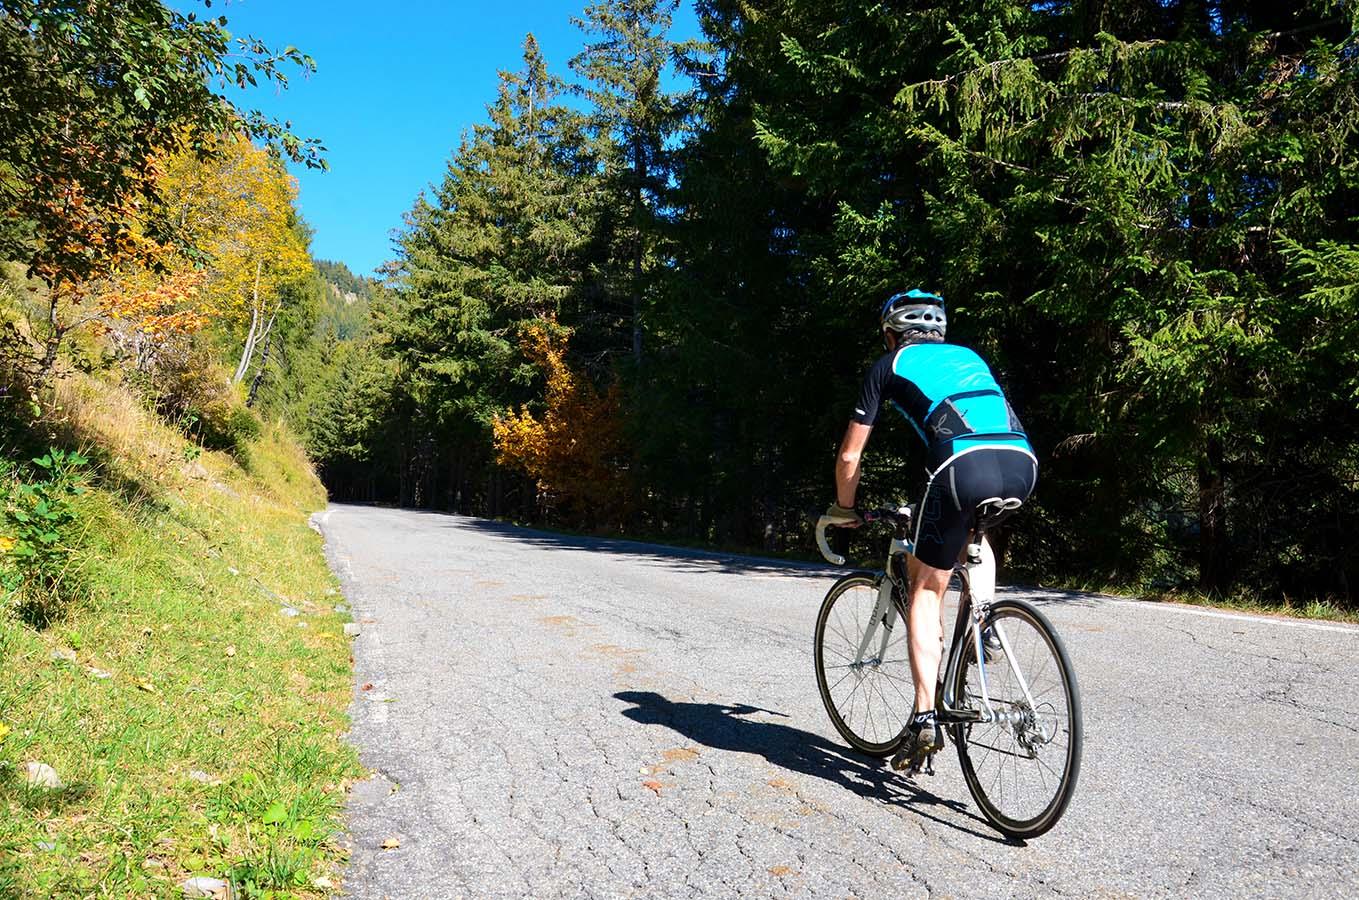 In bici passo Crocedomini